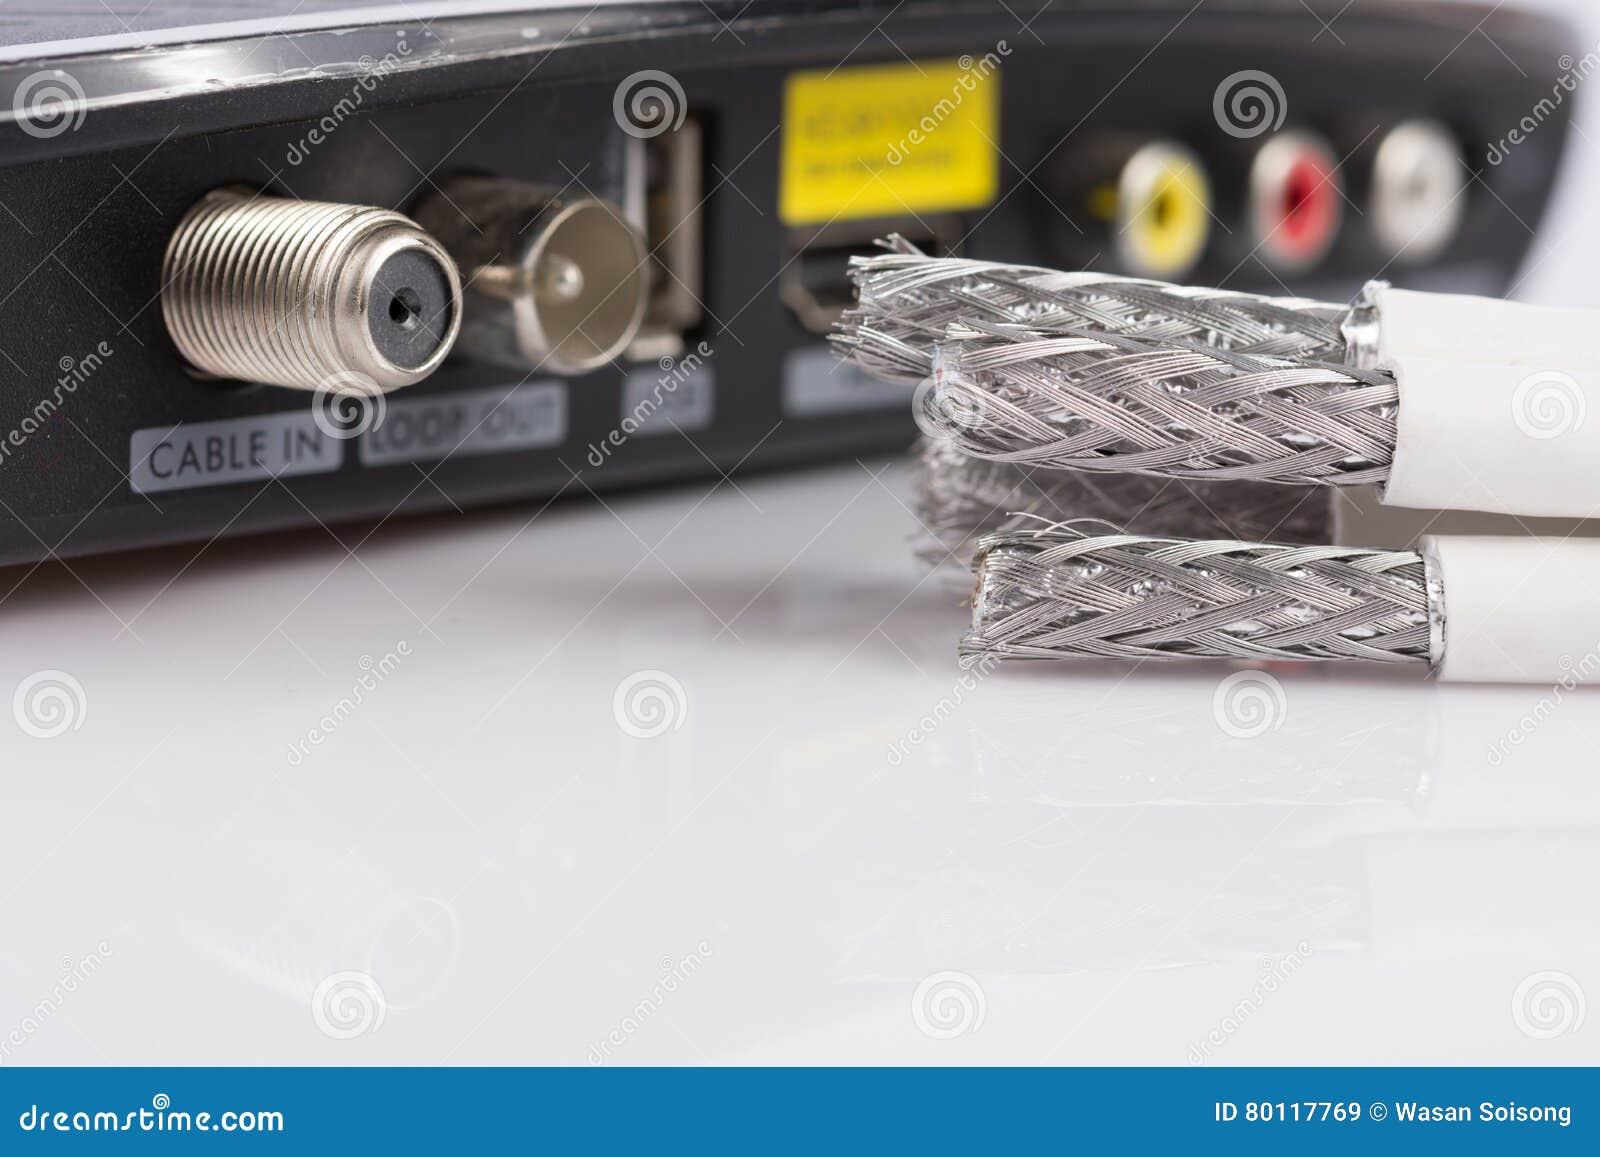 Verkabeln Sie Für Digitales Fernsehen, Kabelfernsehen, Daten-Kabel ...